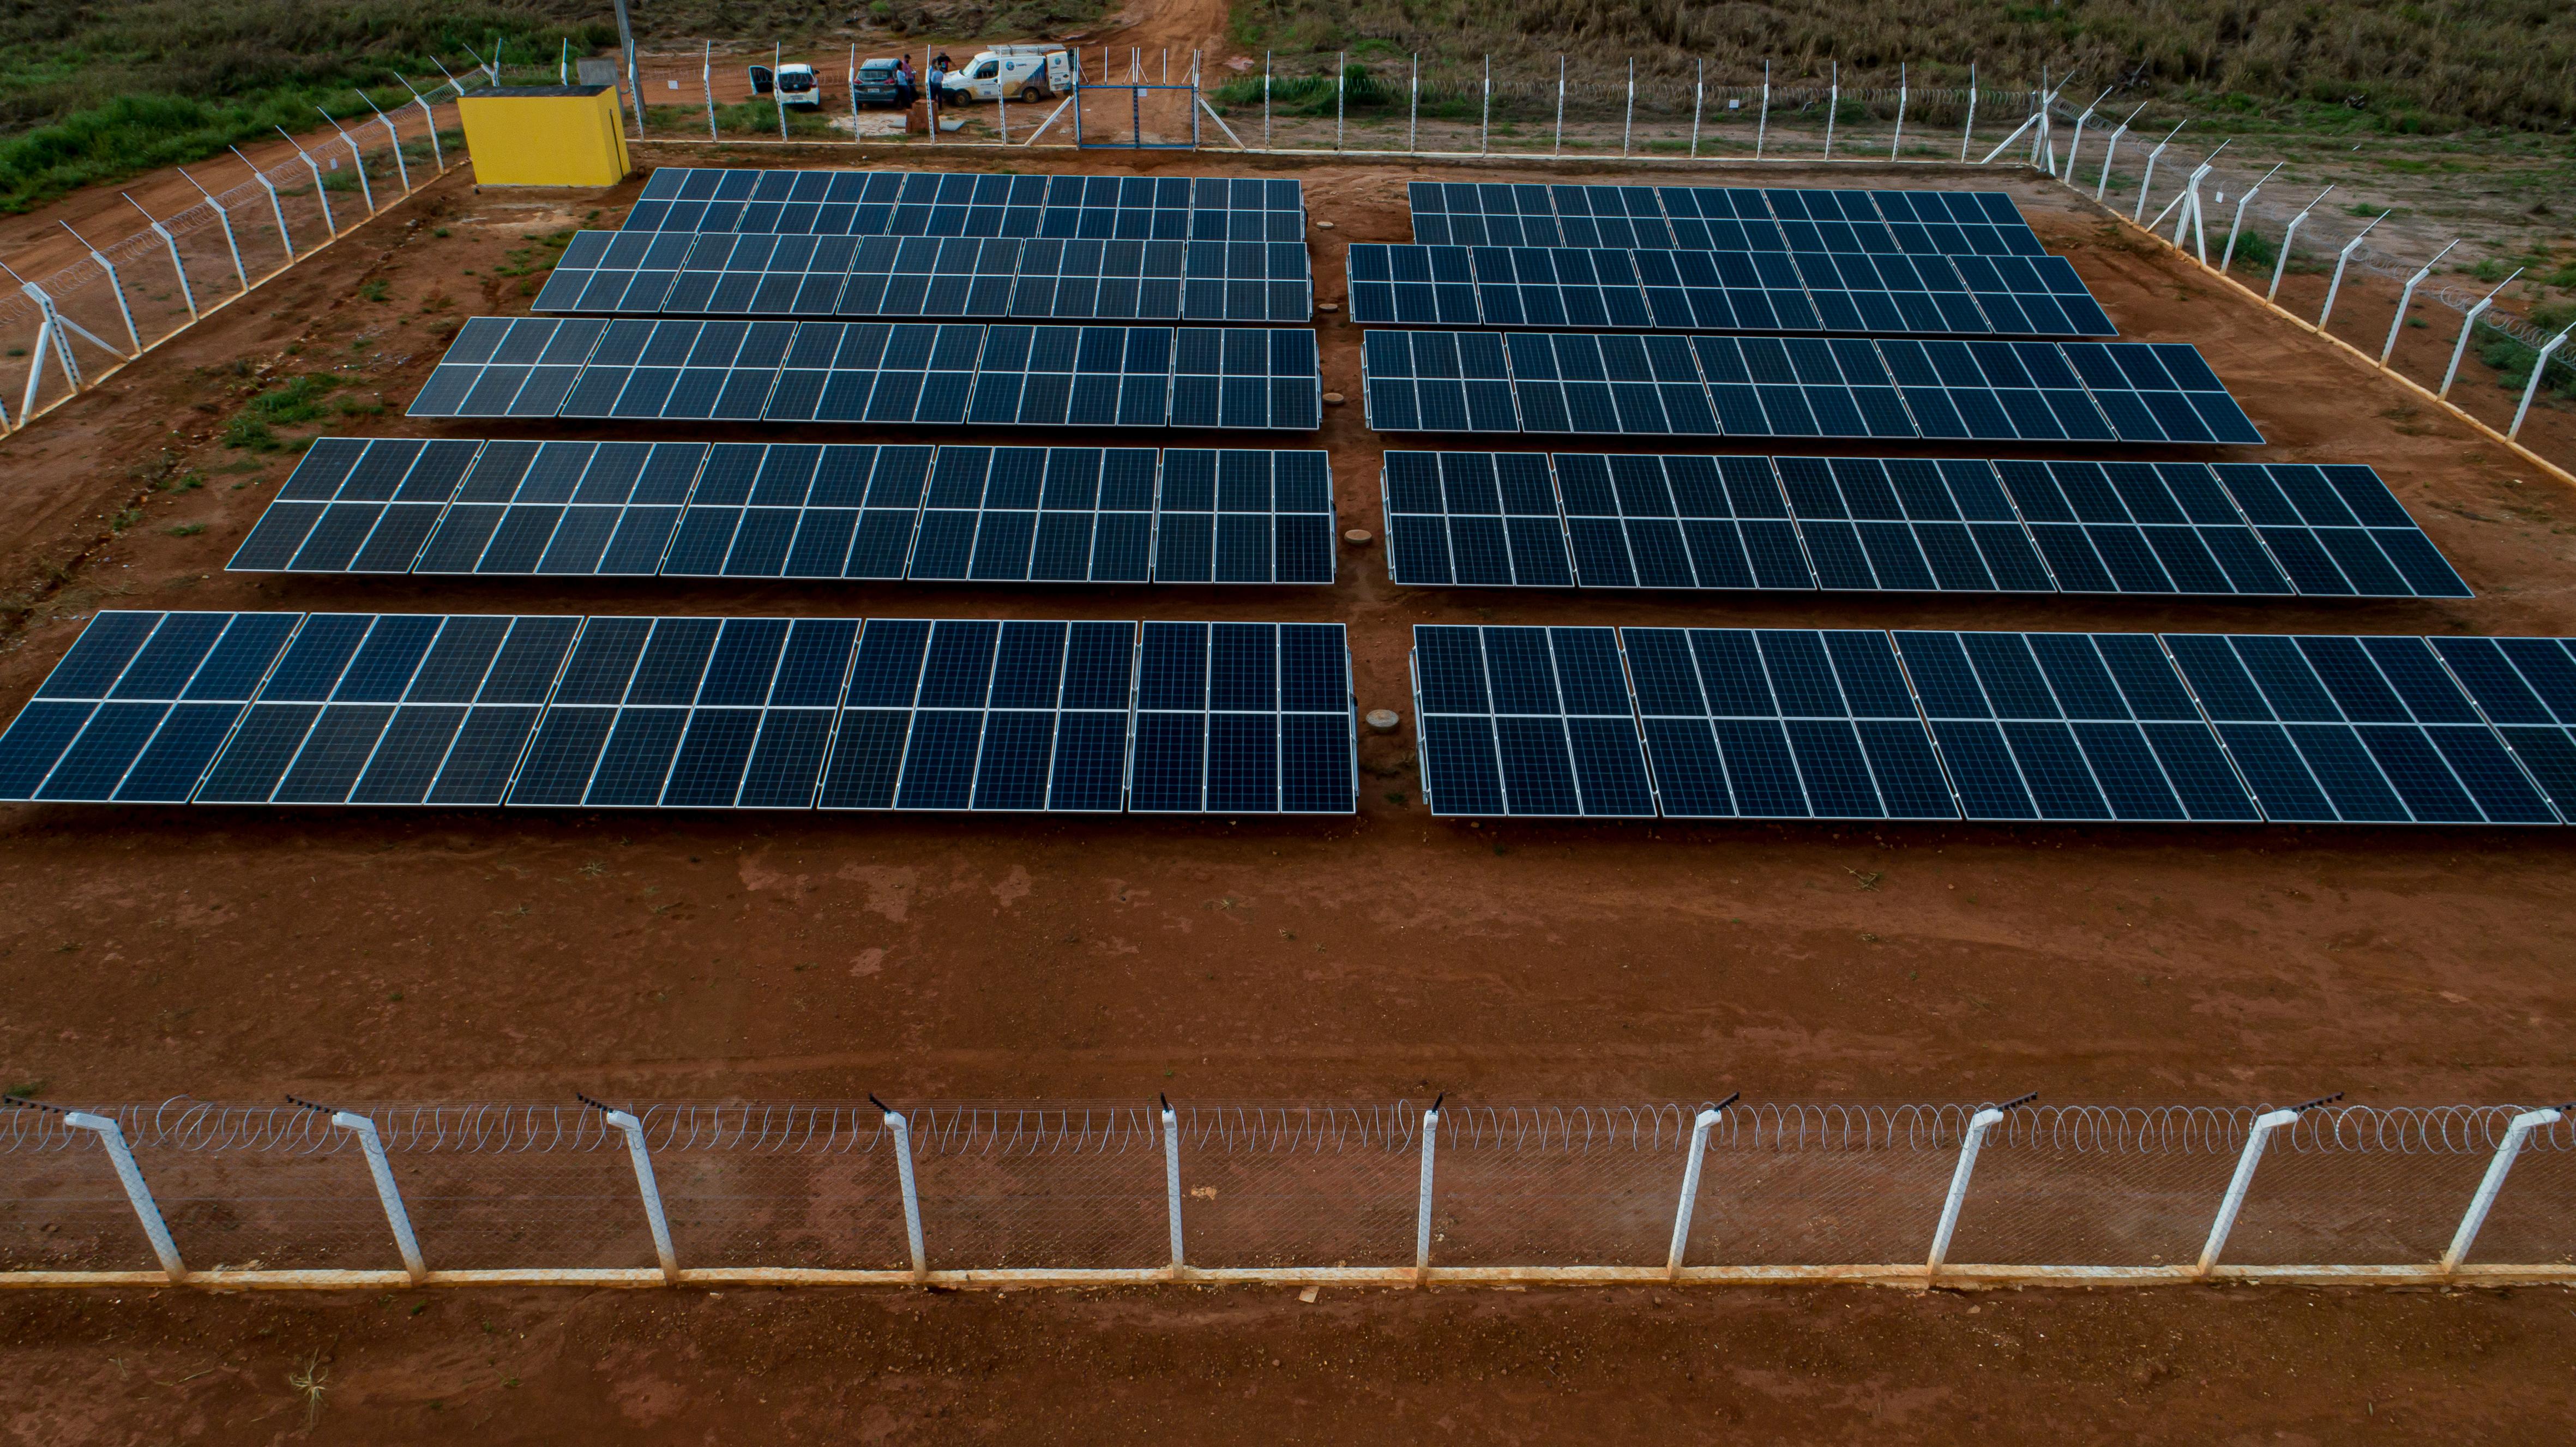 Placas solares na fazenda Tucunaré, em Sapezal (MT): além de abastecer as unidades da companhia, energia limpa também deve ser comercializada no Sistema Integrado Nacional (SIN).